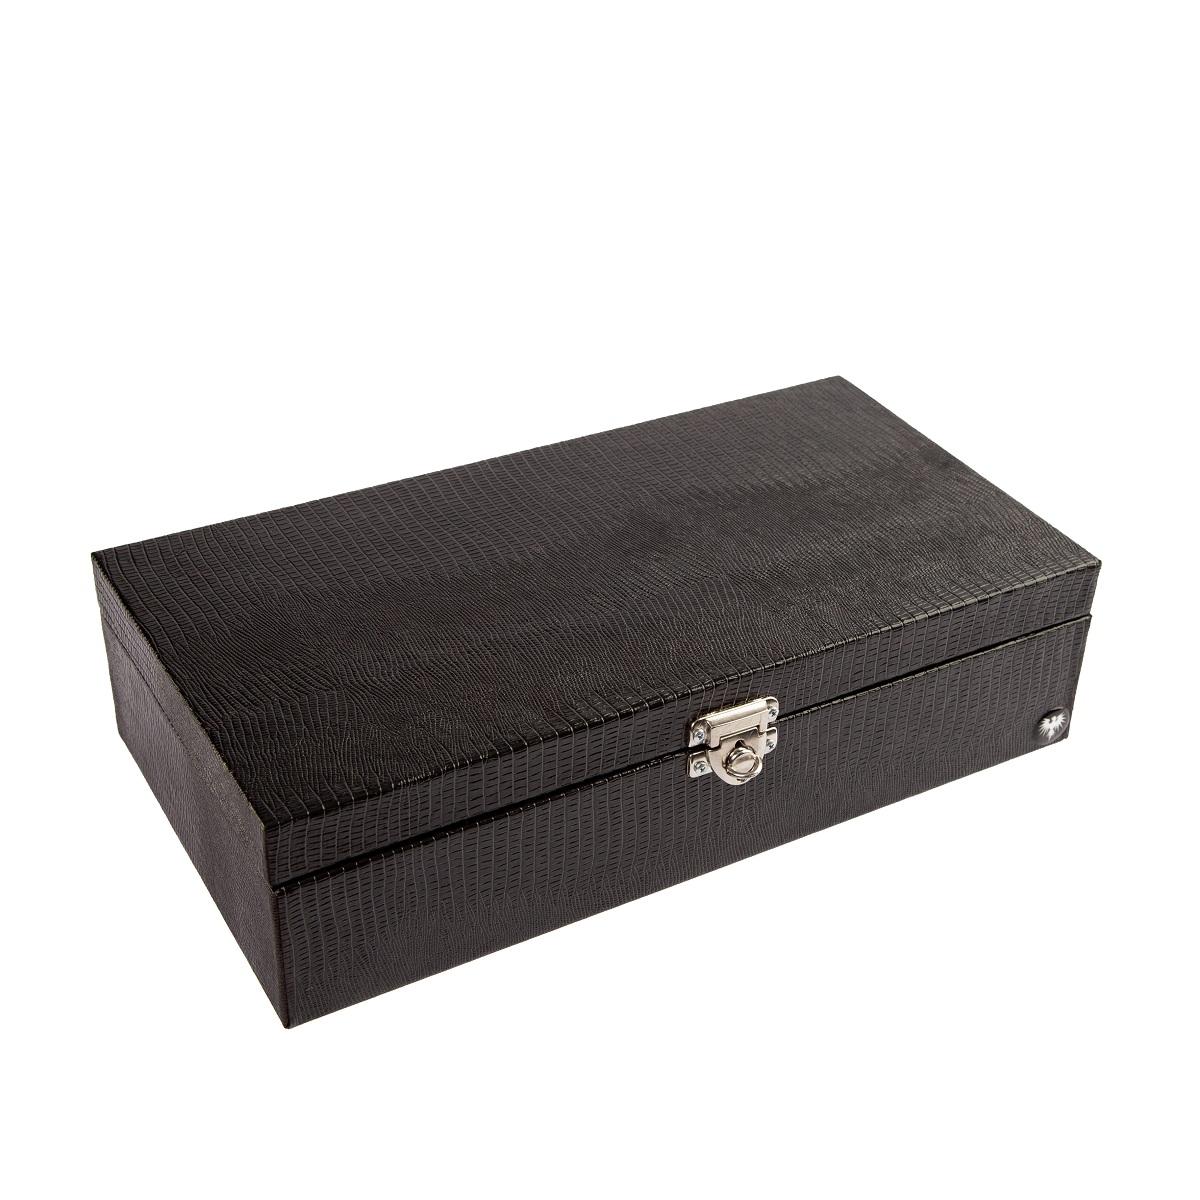 caixa-porta-relogio-12-nichos-couro-ecologico-preto-preto-imagem-2.jpg